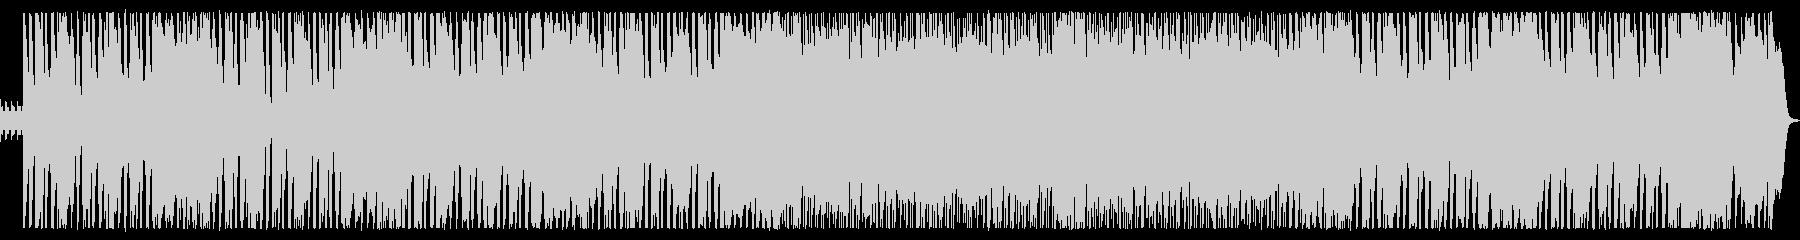 明るく軽快なロックの未再生の波形